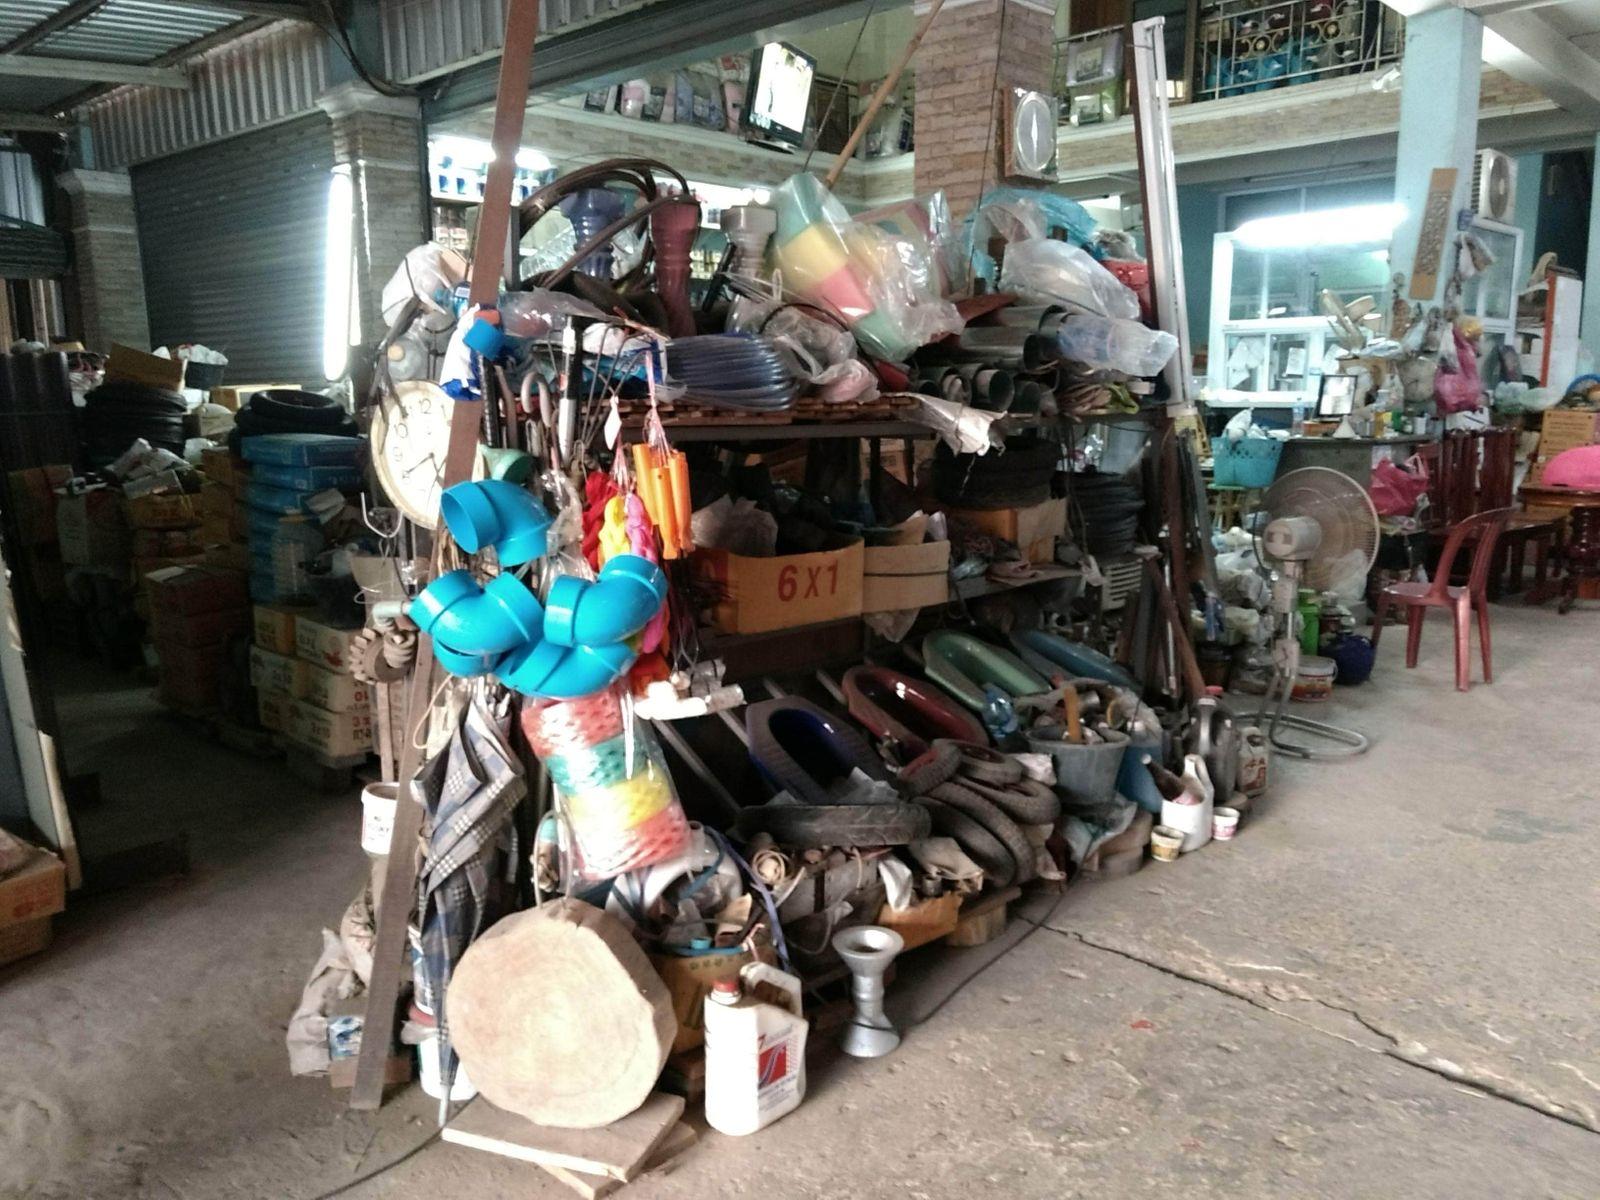 2018-10-04_Einkaufen ist hier eher speziell. Ein typischer 'Baumarkt' in Laos